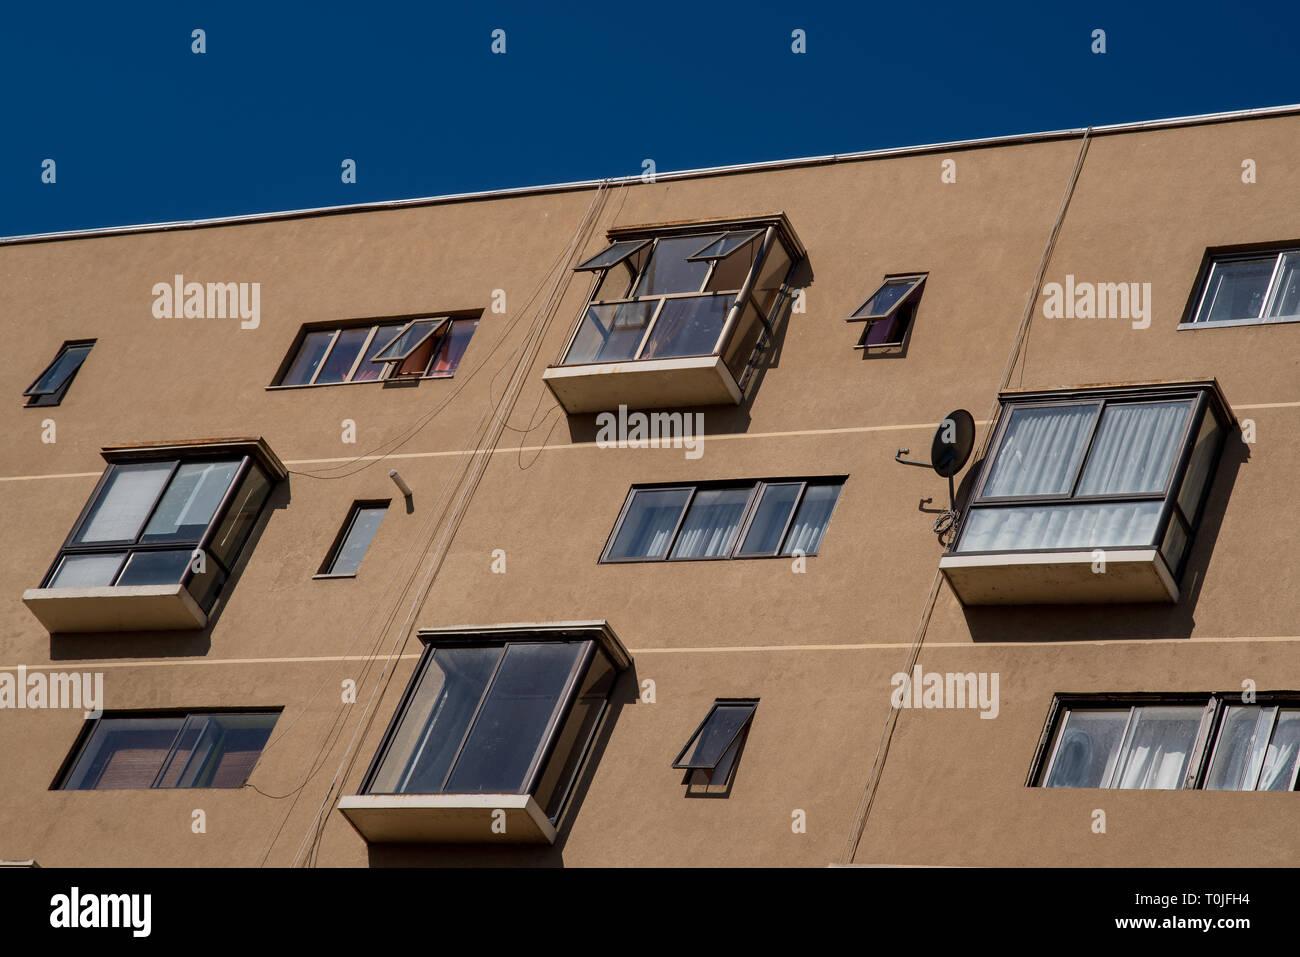 Häuserfront eines Wohnhauses in Concepcion, Chile Stockbild